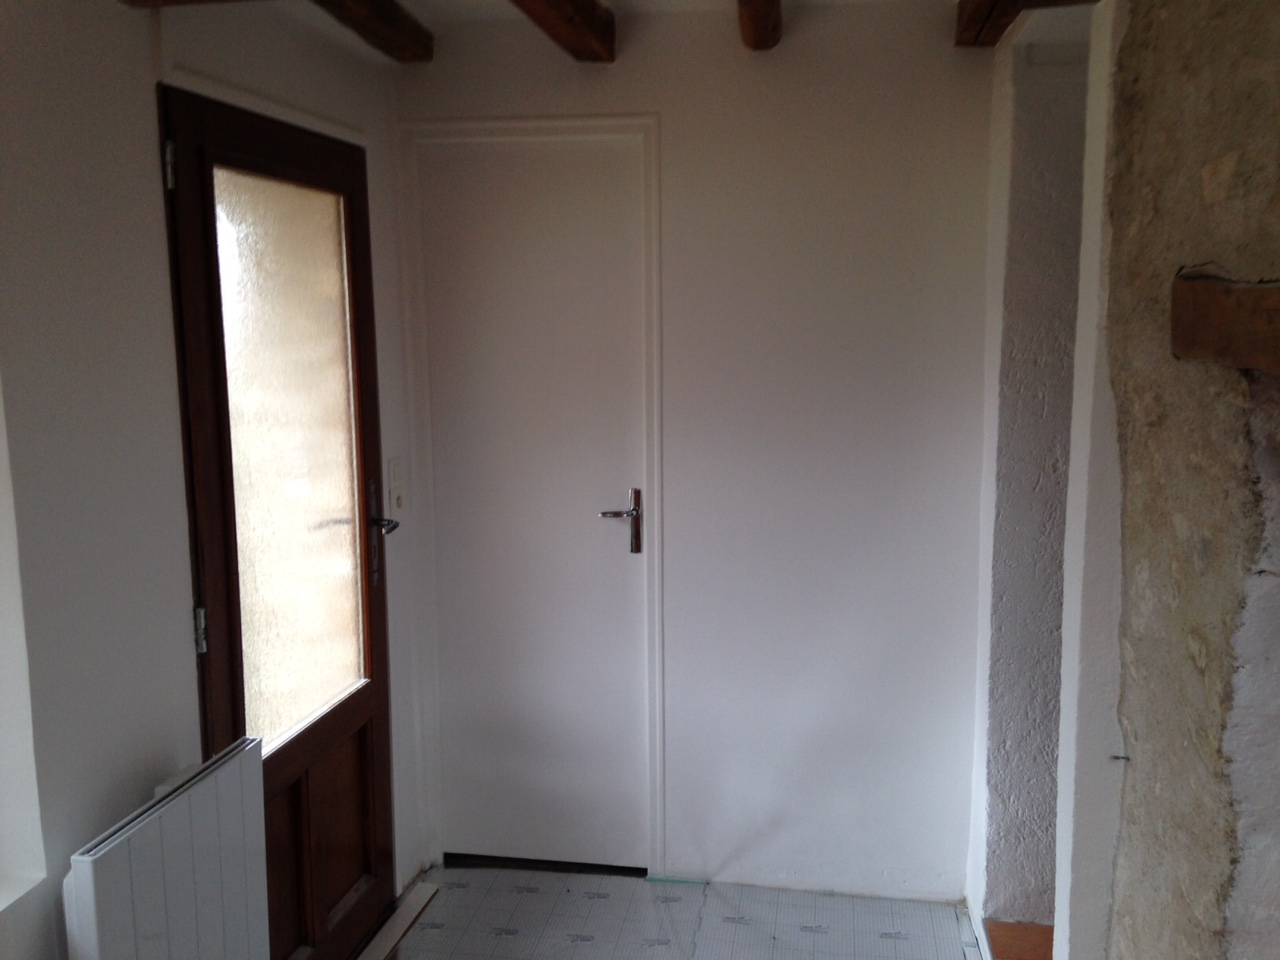 Peinture murs, plafond et portes